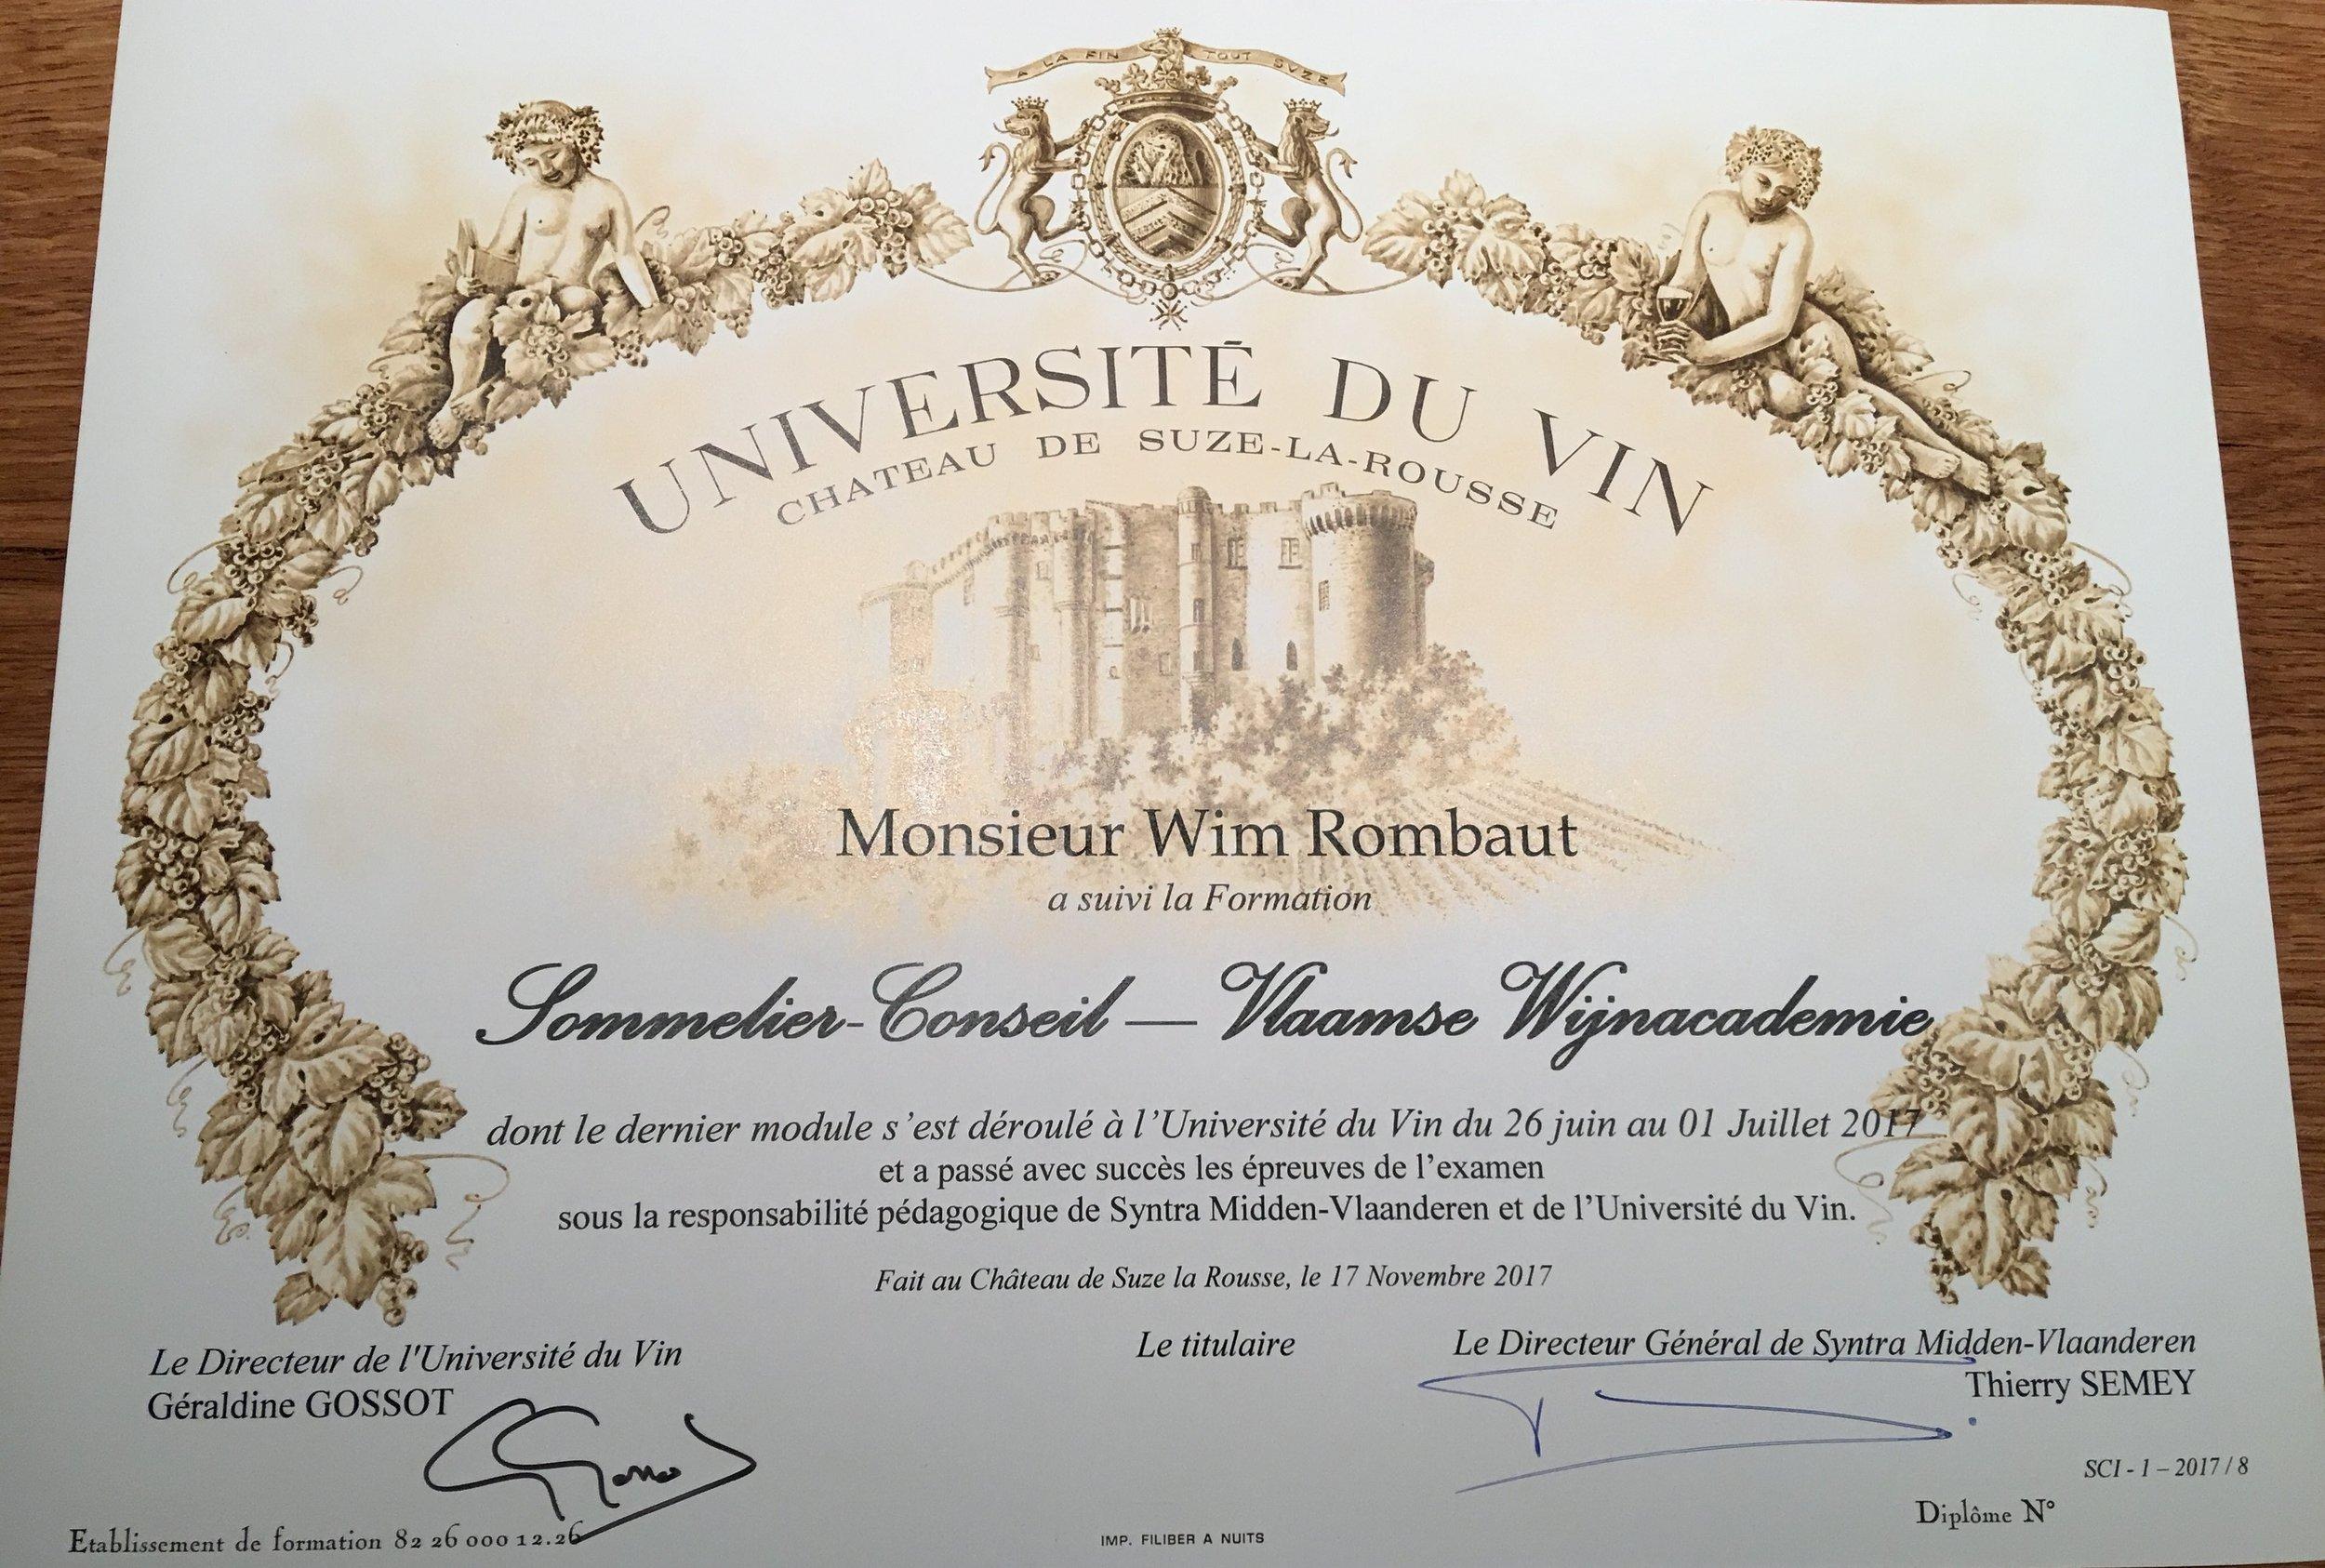 Mijn nog ongetekende diploma Sommelier-Conseil. Op 18 november 2017 besloot ik hier iets meer mee te doen. Toen nog geen idee dat het Vegawineclub zou worden.